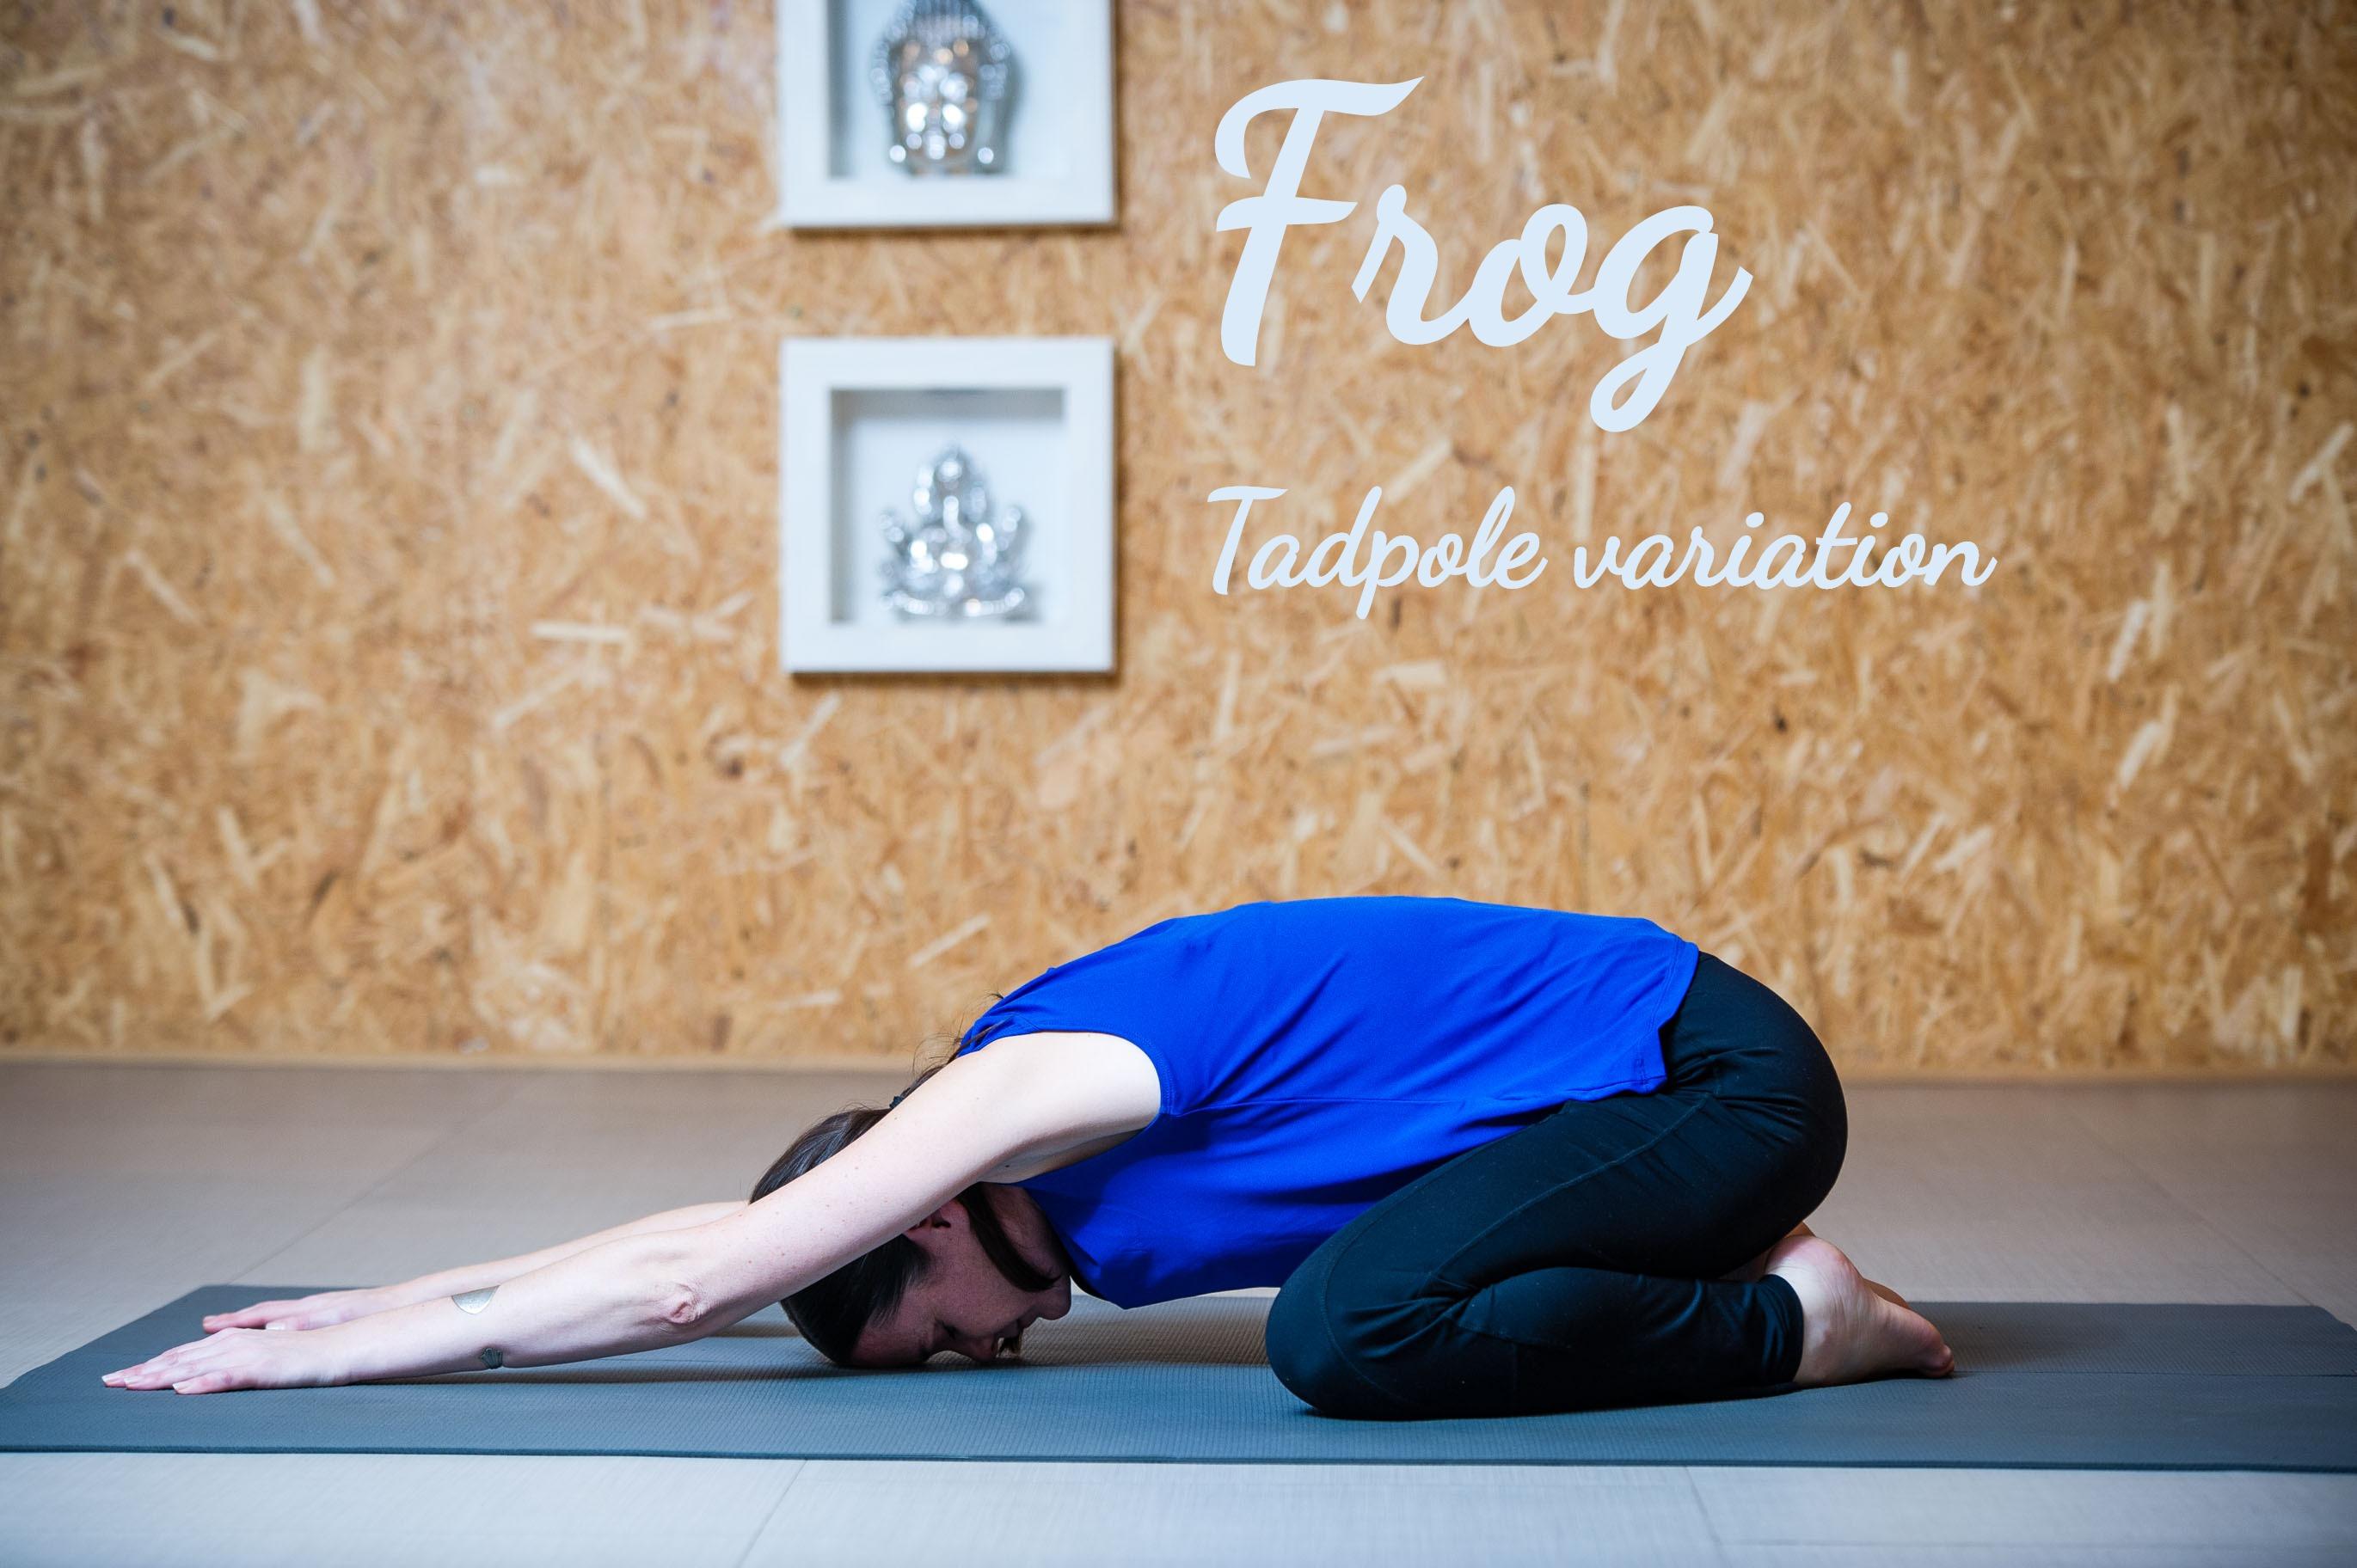 FROG  - Tadpole variation